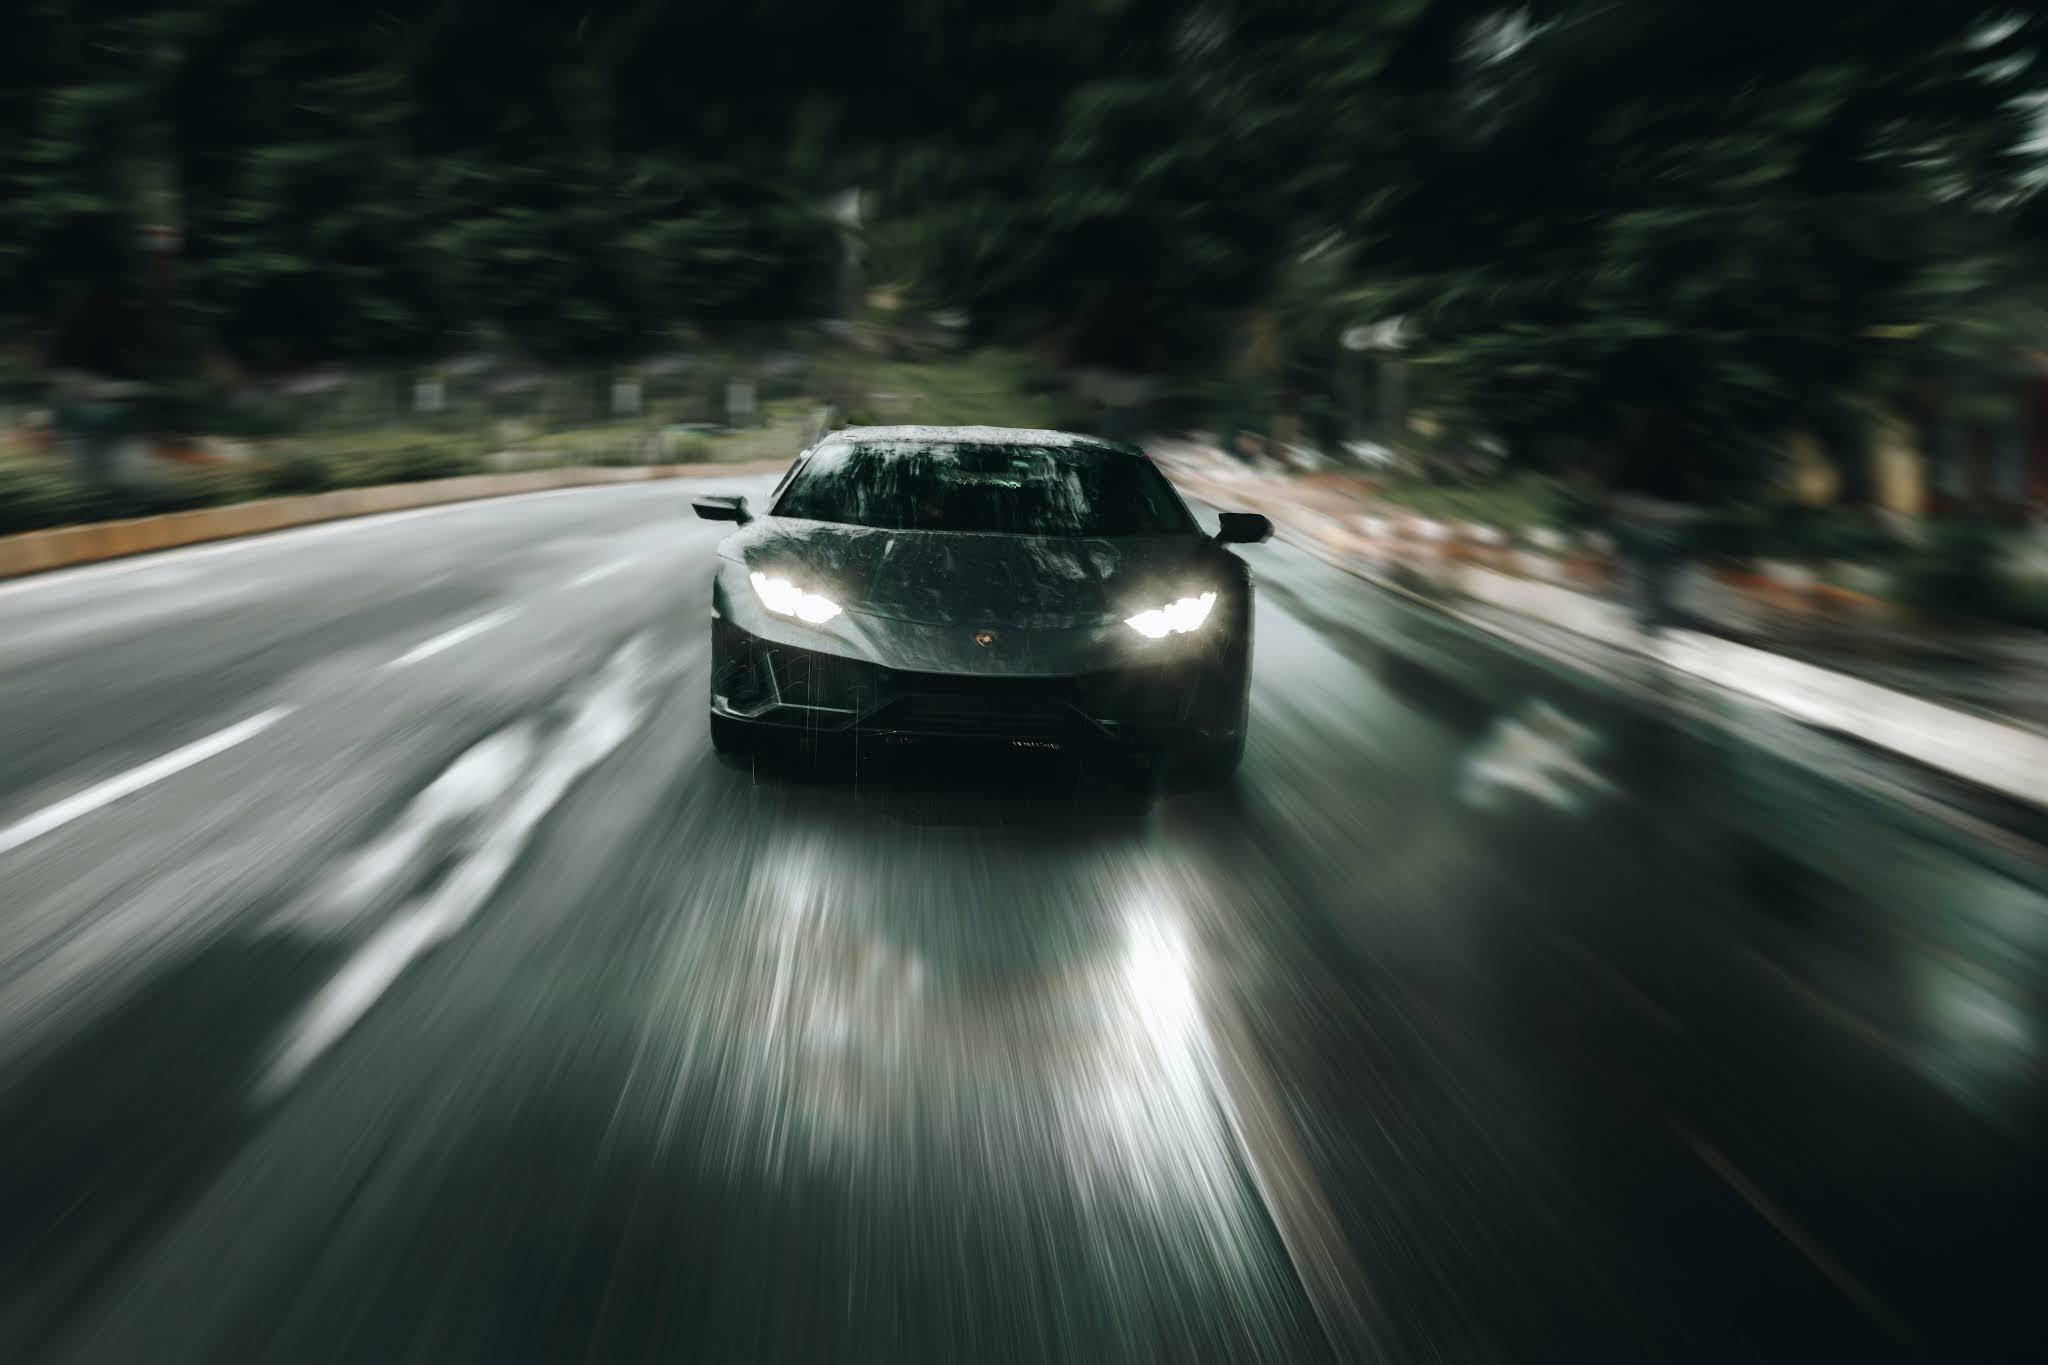 أفضل 10 سيارات عائلية في العالم العربي 2021